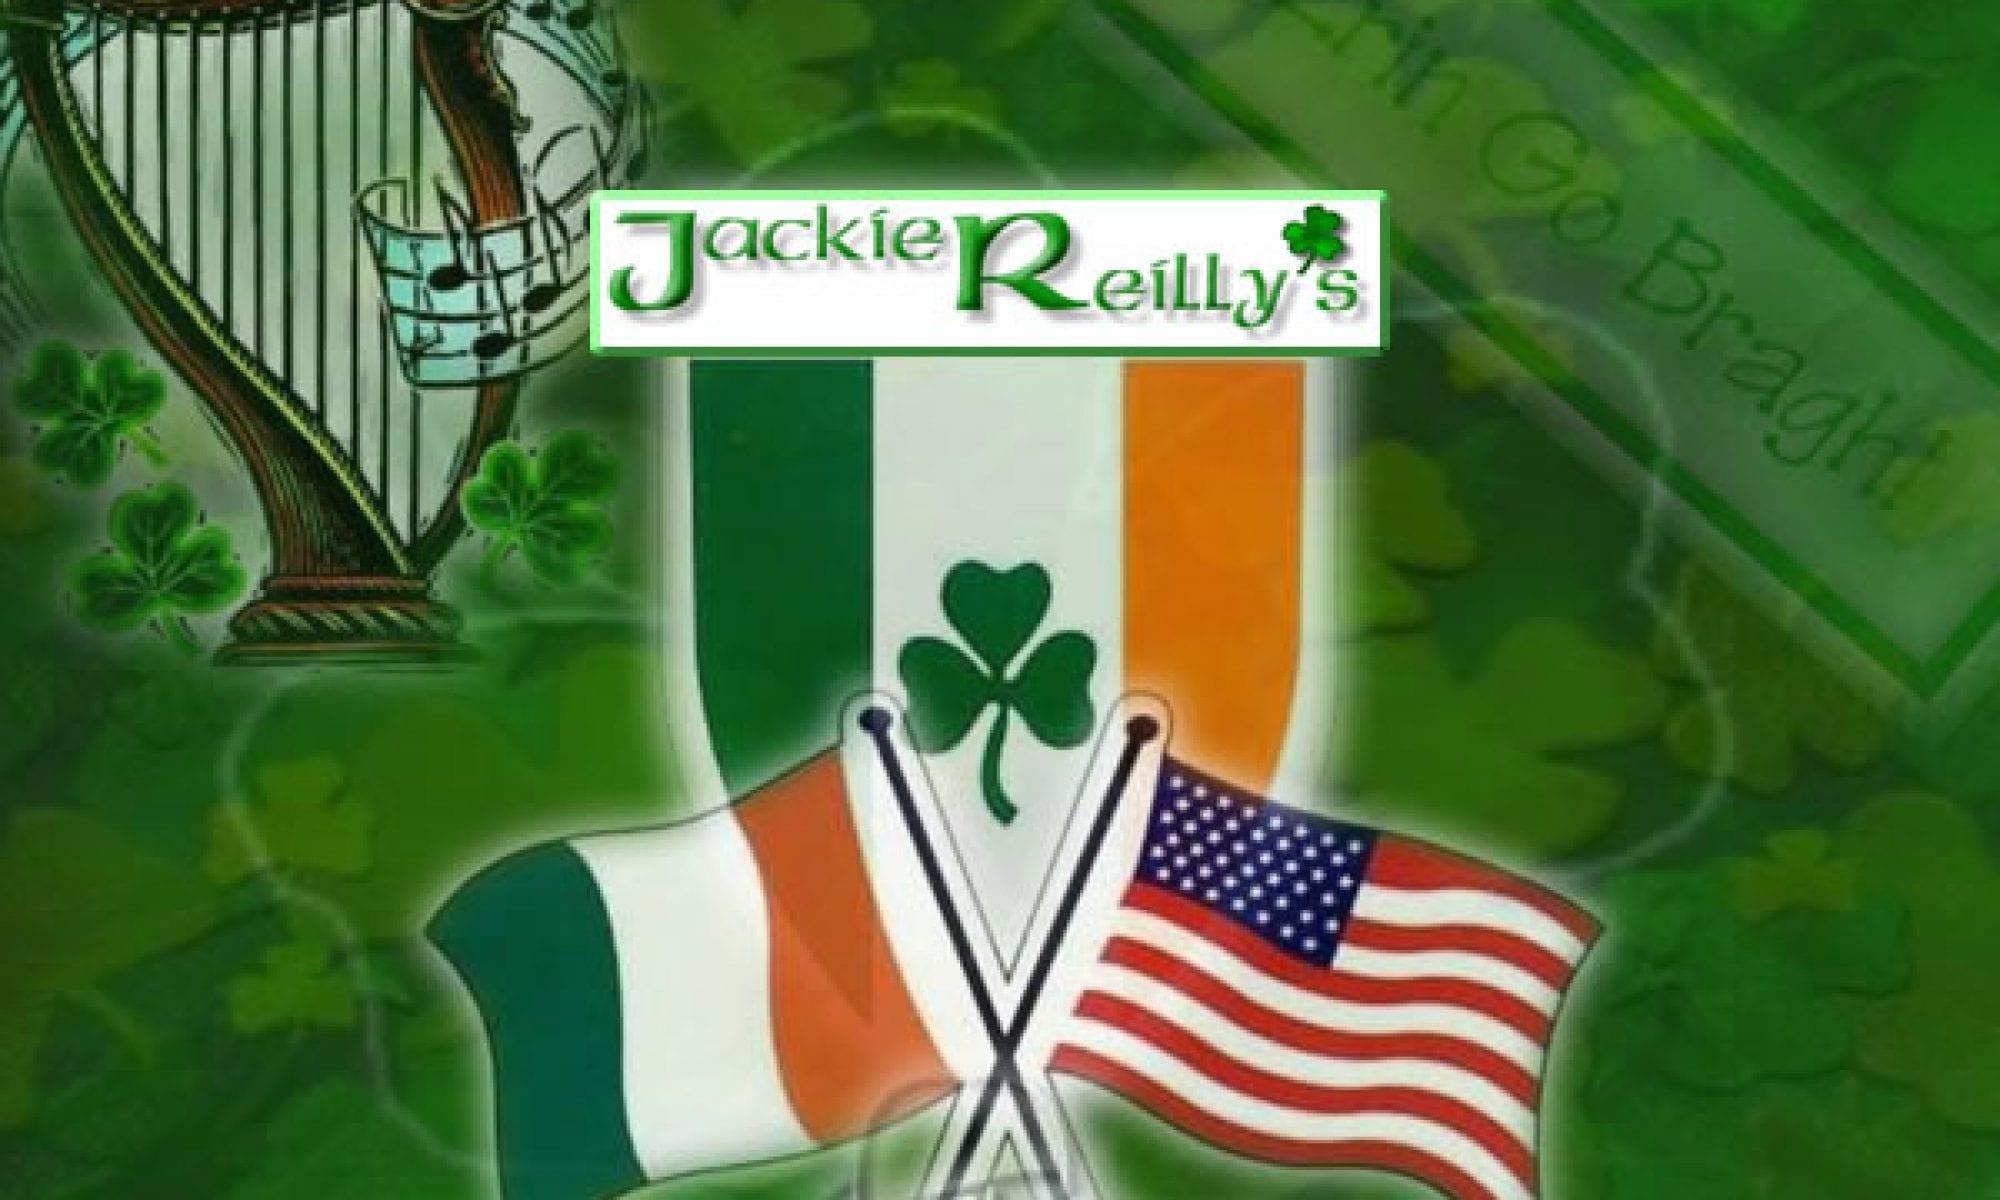 Jackie Reilly's